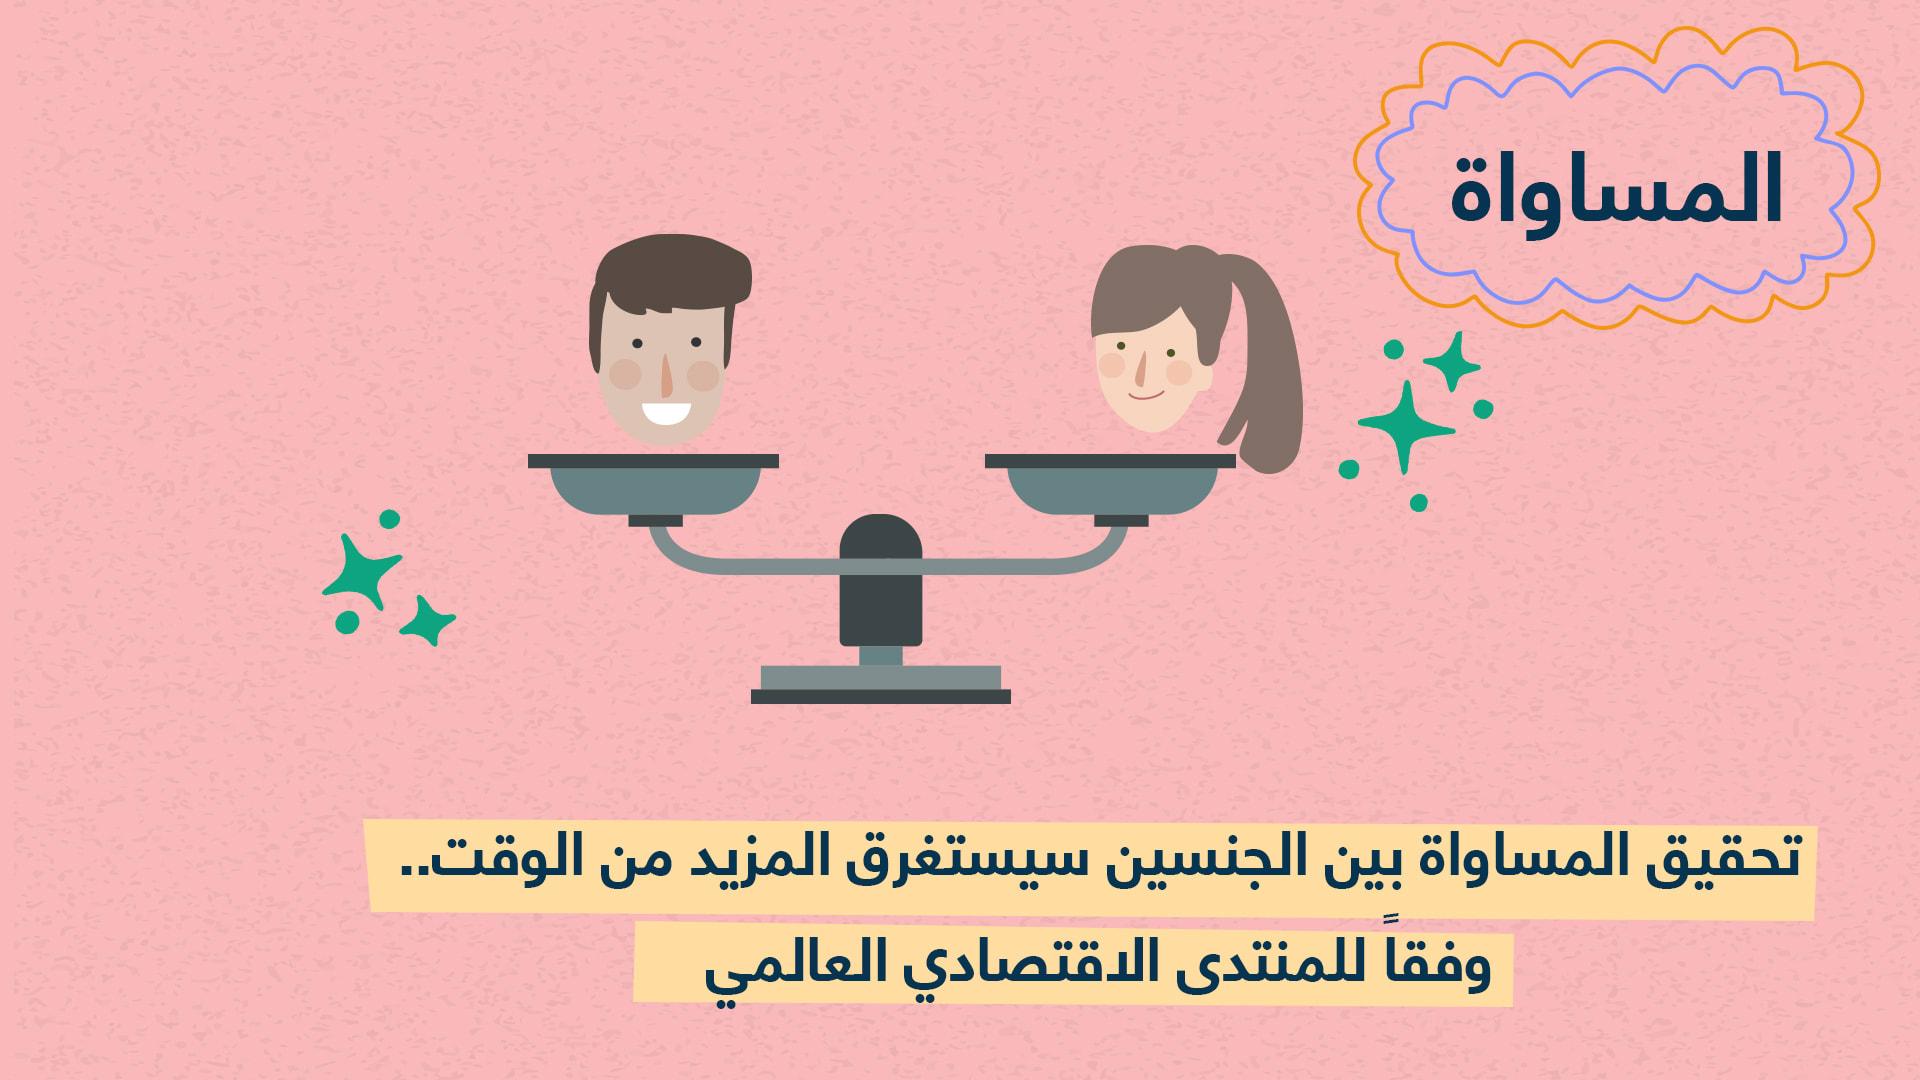 من زواج القاصرات إلى التعليم.. ما هي التحديات التي تواجه النساء حول العالم؟